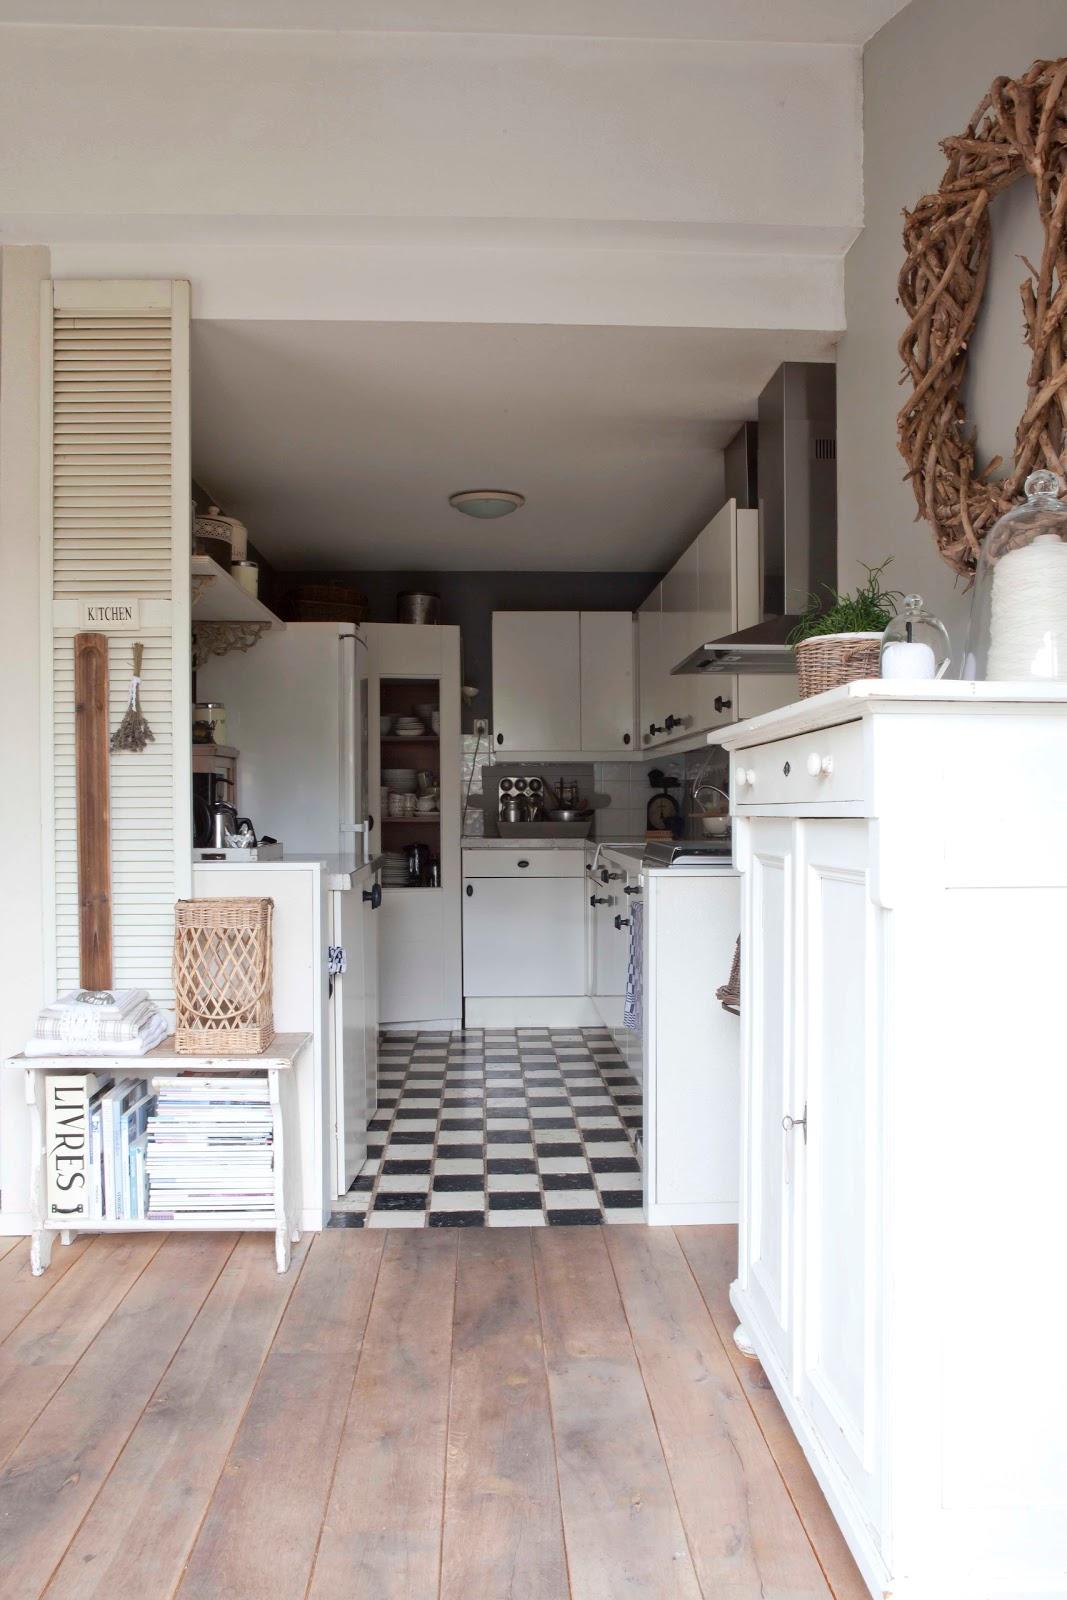 landelijke brocante keuken : Kind Van Holland Brocante Een Kijkje In De Keuken